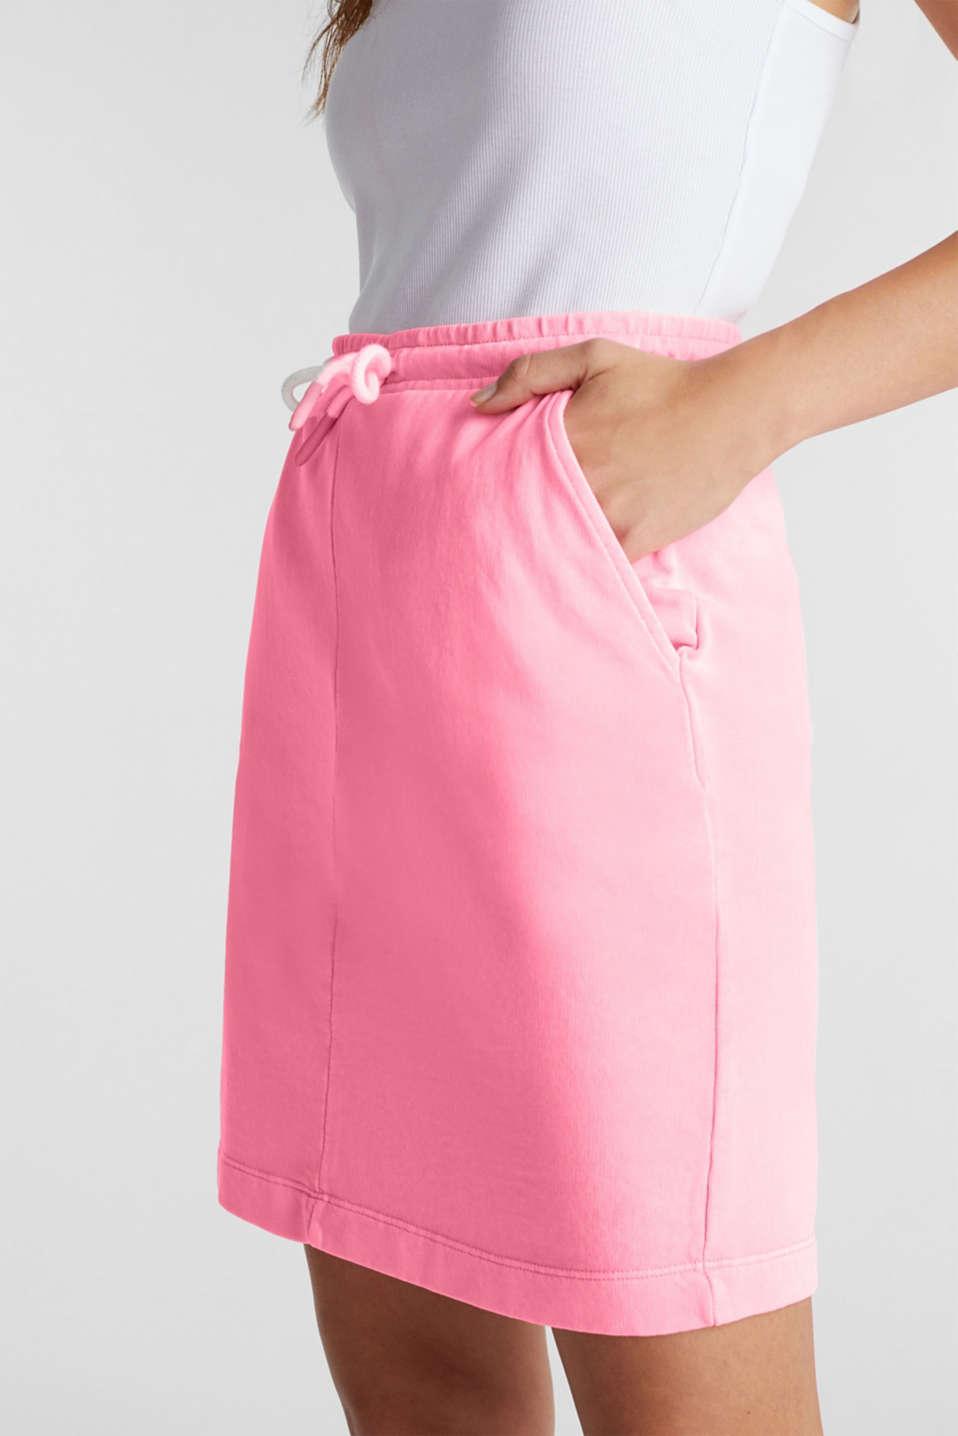 Sweatshirt fabric skirt, 100% cotton, PINK, detail image number 1